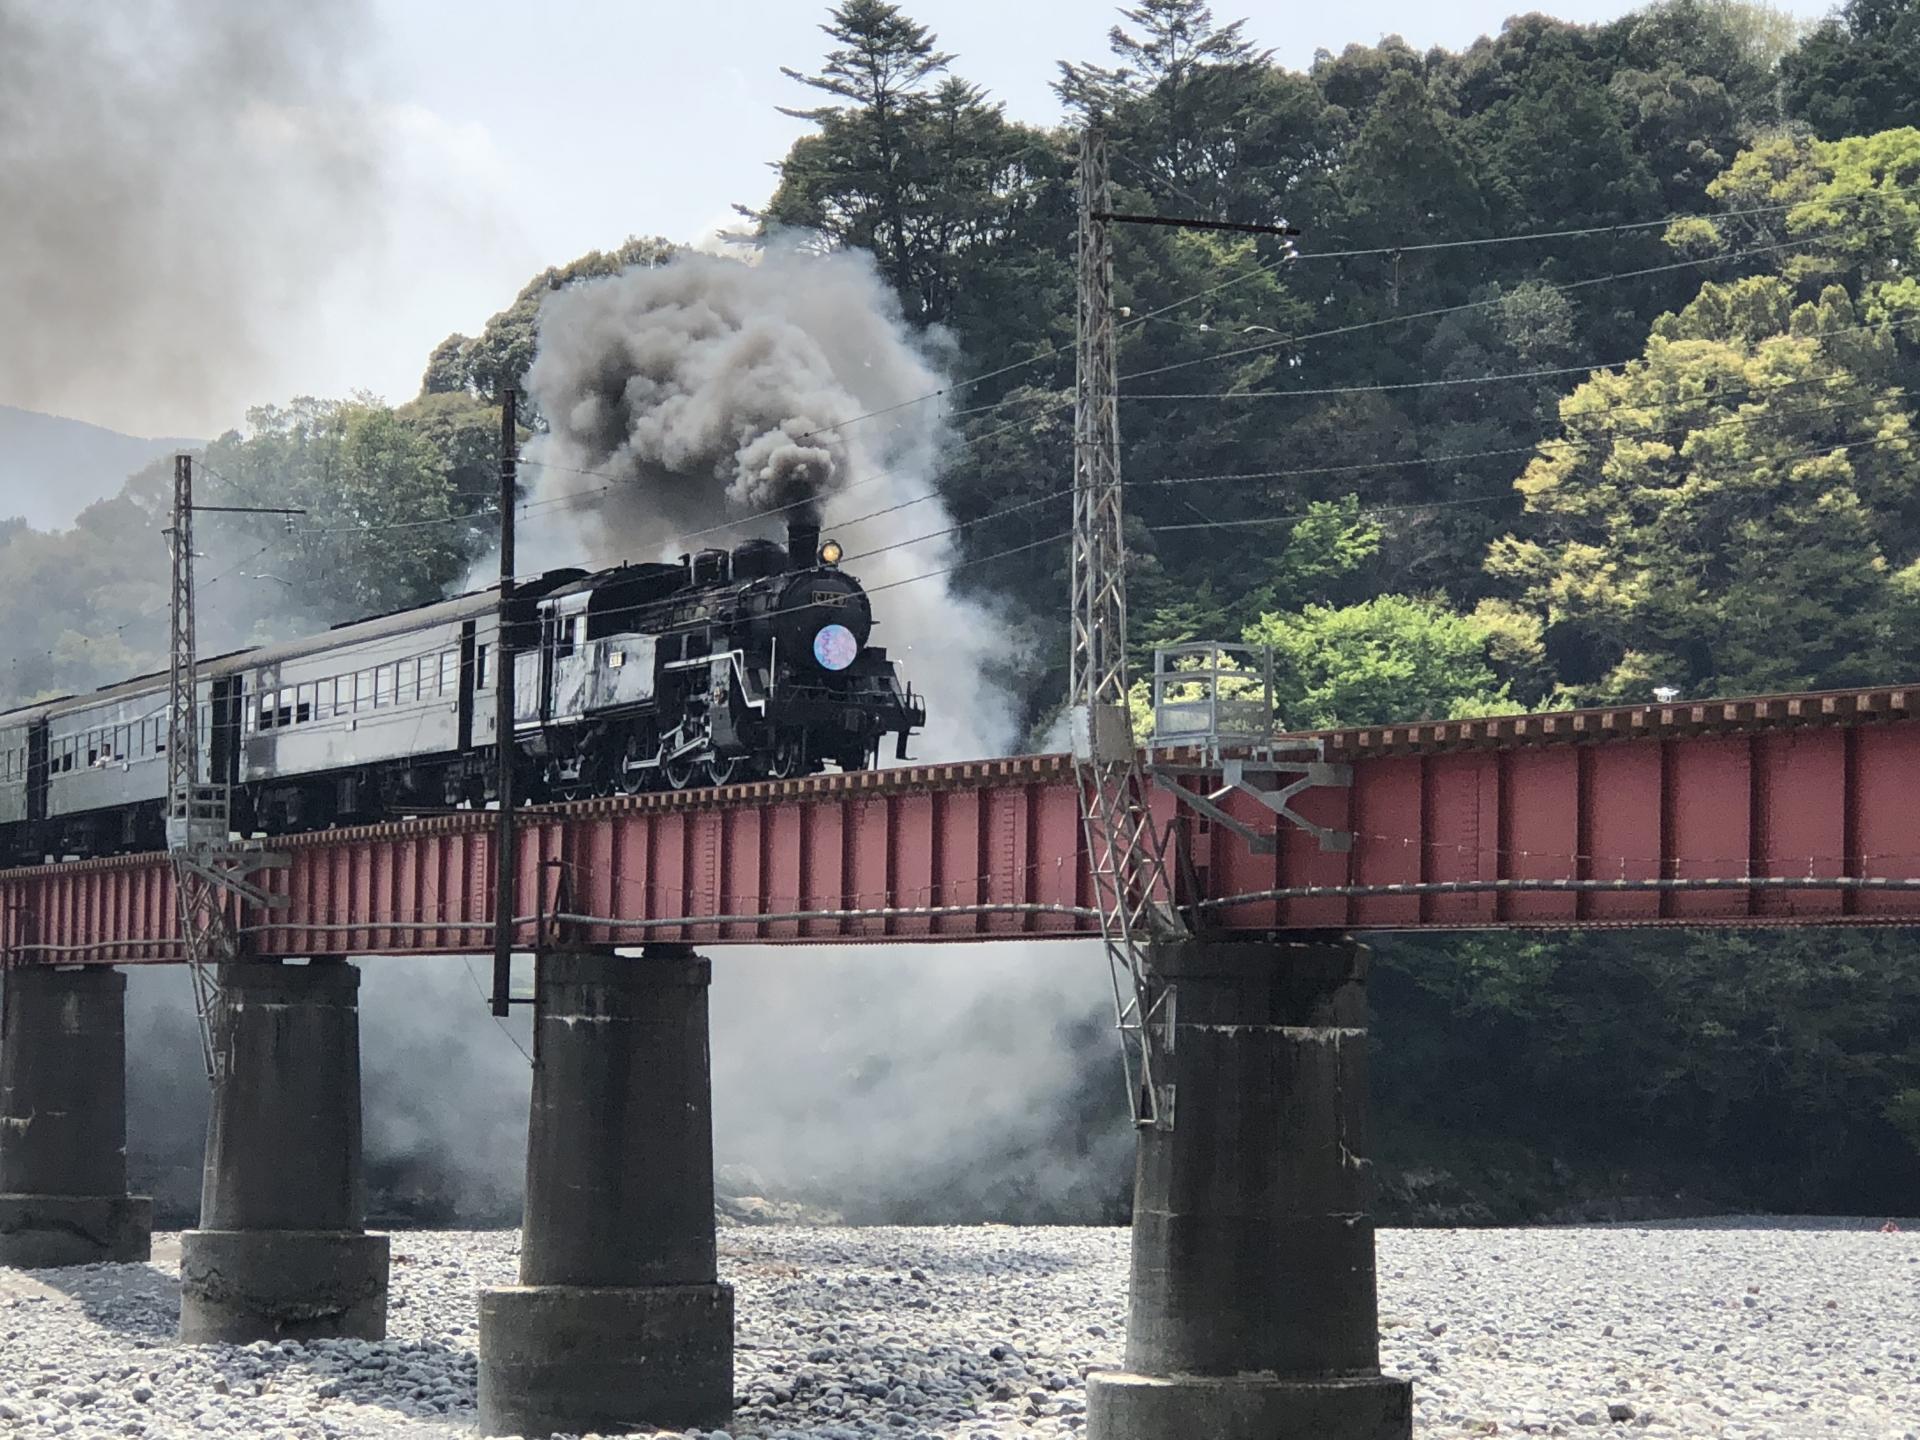 大井川鐵道の観光で人気のスポットは?見どころやアクセス方法もご紹介!